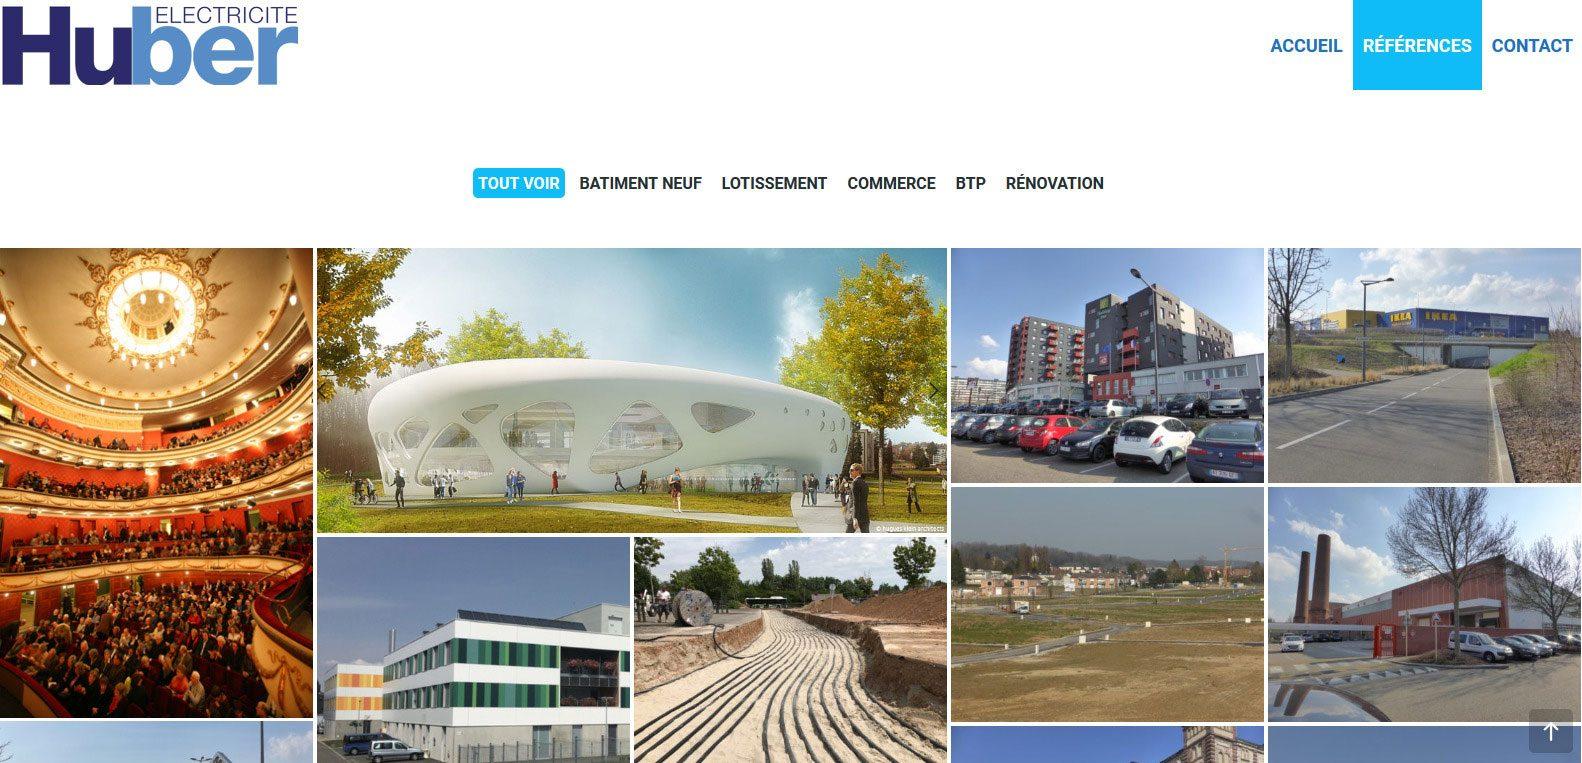 Bâtiments et référence de huber électricité. Client de karedess, agence web sur Mulhouse